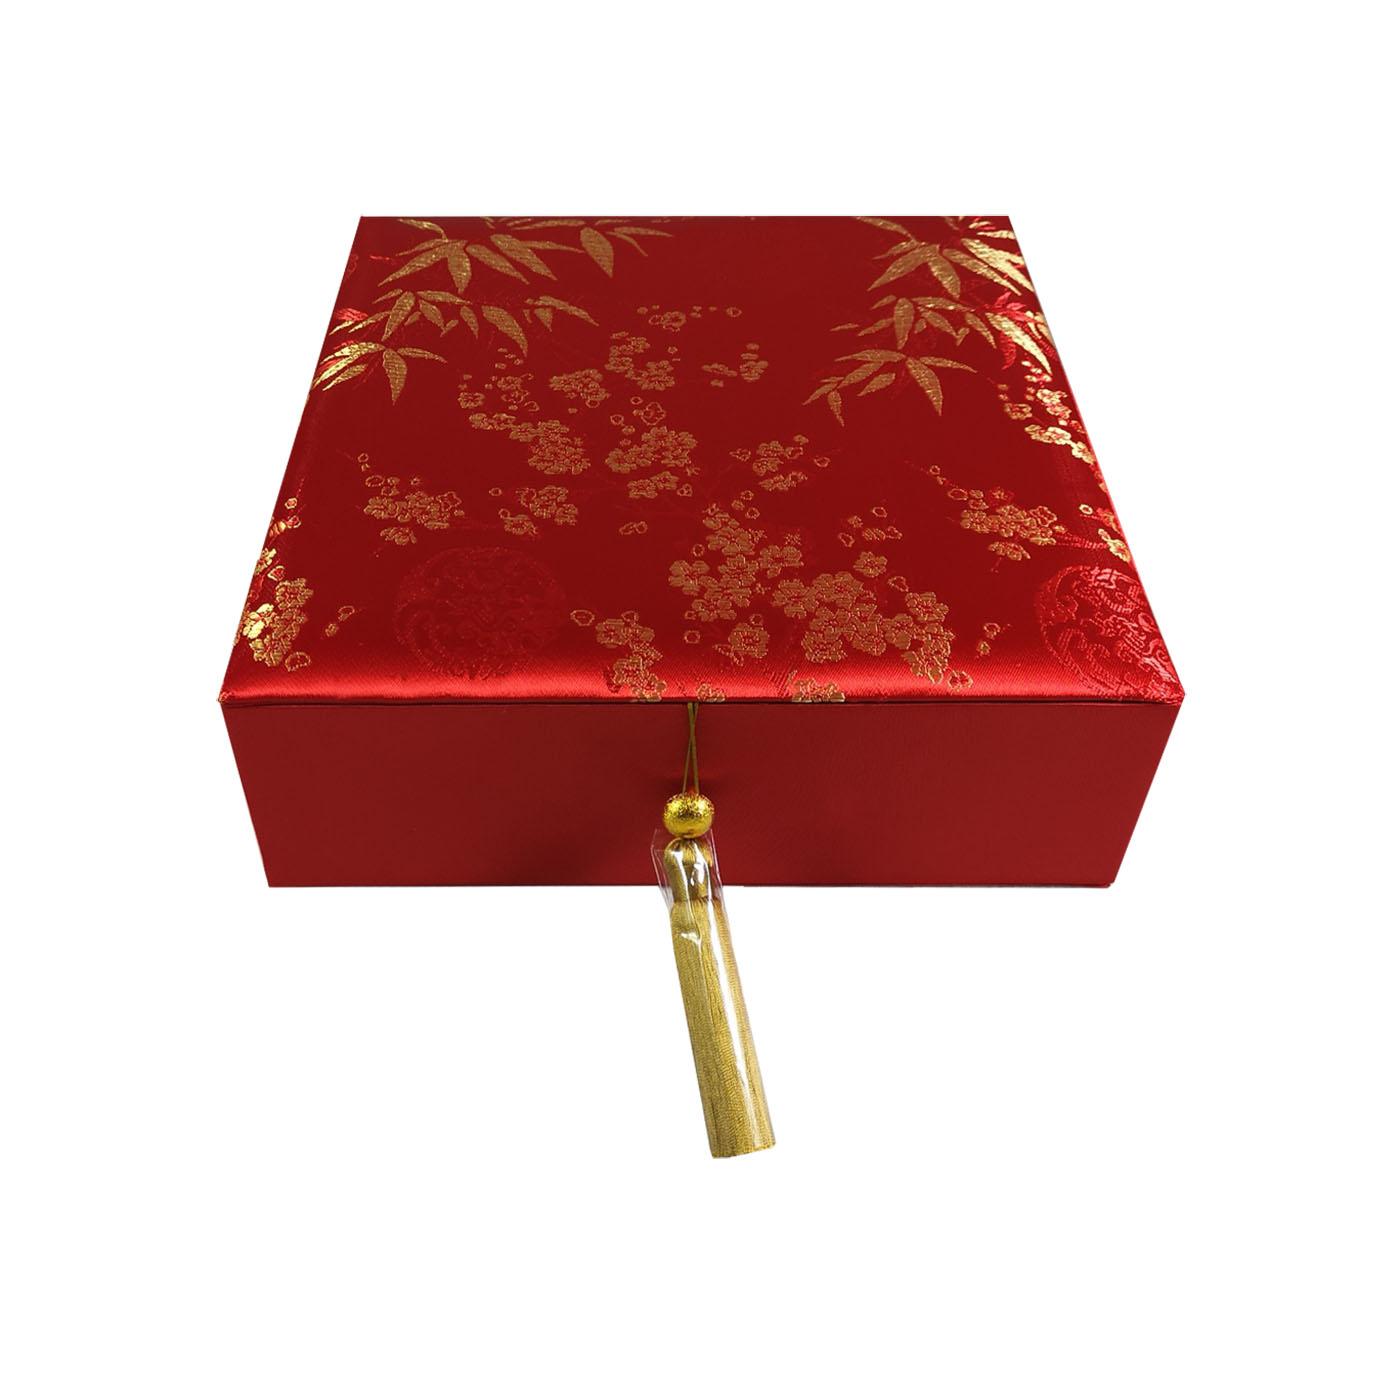 Chinese New Year Premium Gift Box